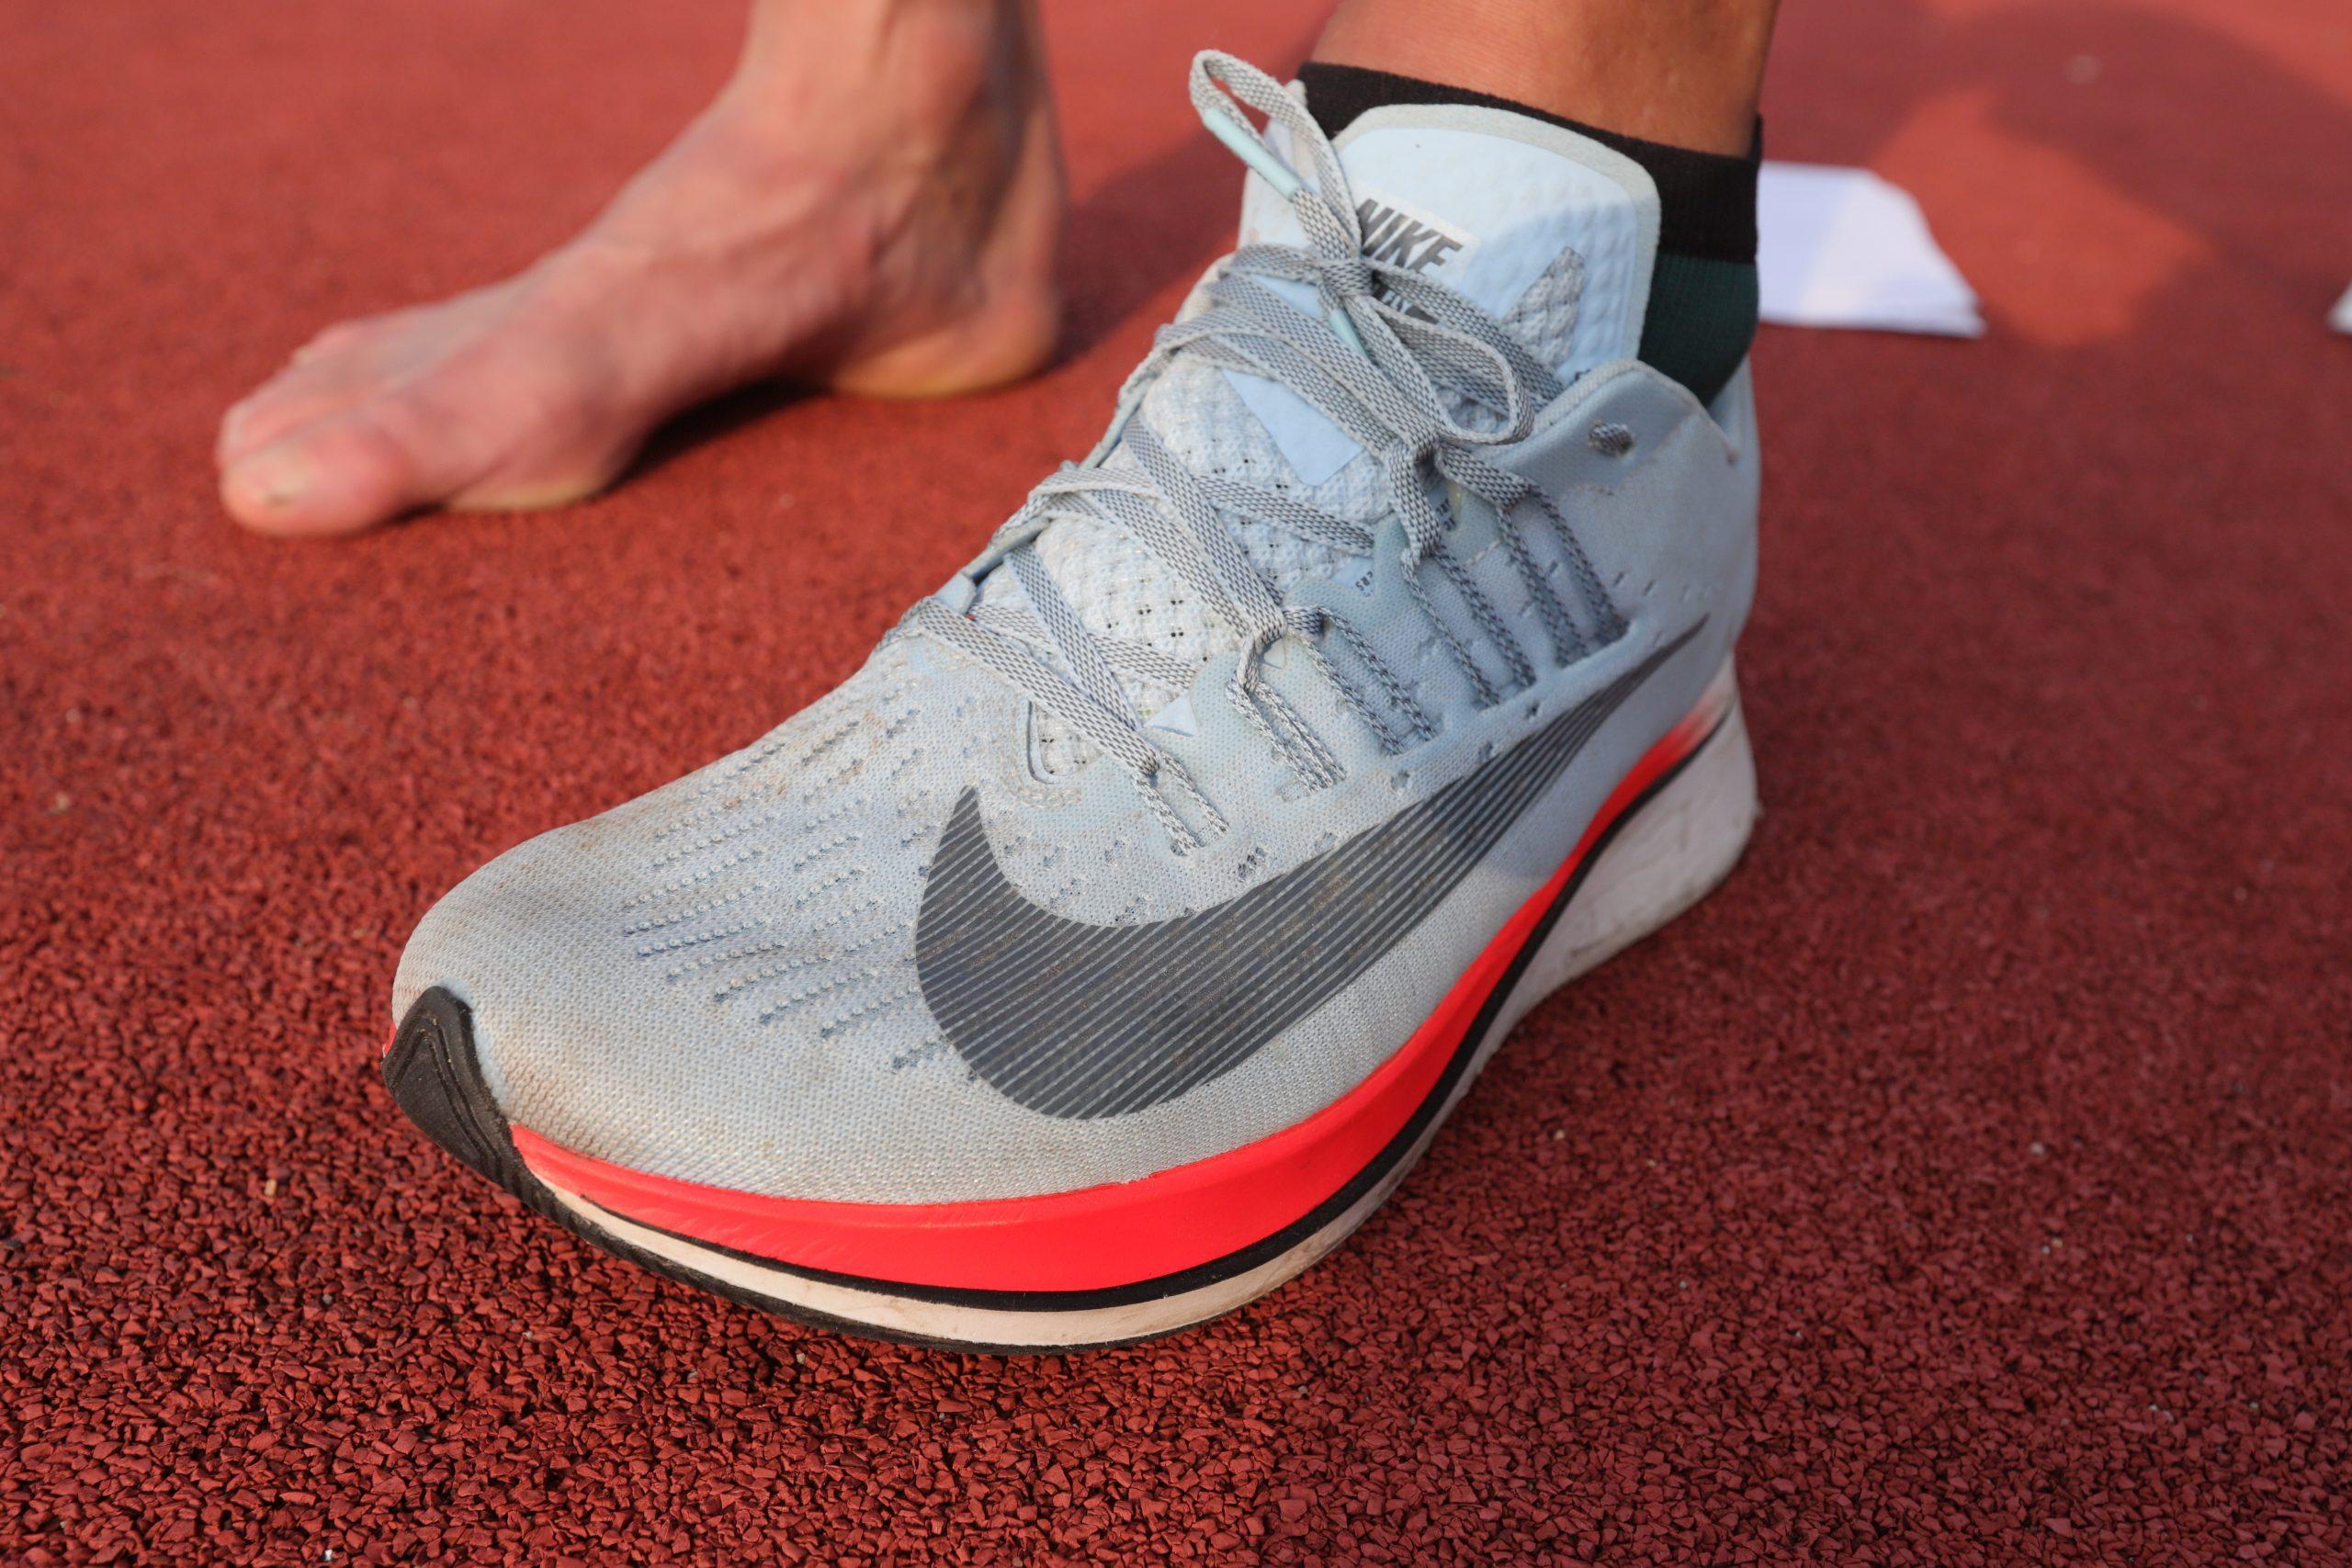 Povrch, po němž běháte, to je oč při výběru běžeckých bot běží úzké chodidlo